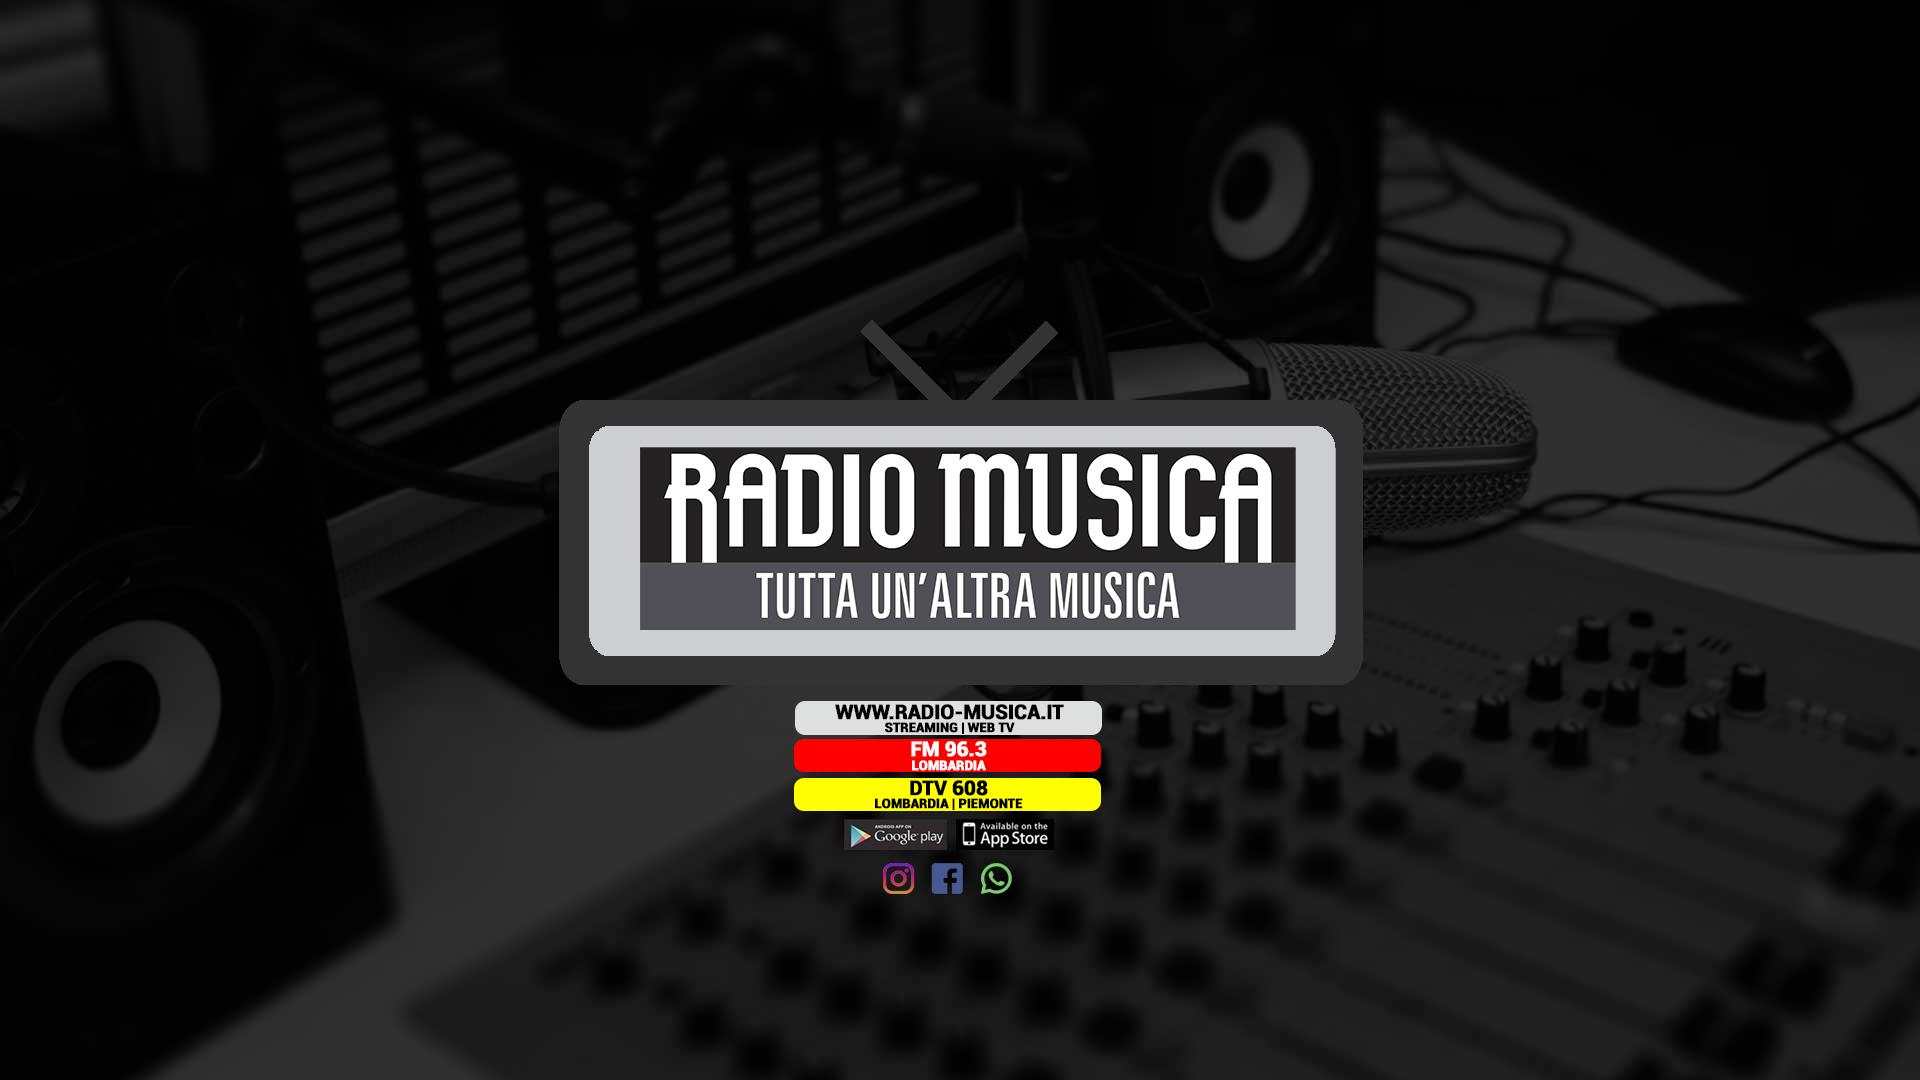 Radio Musica Tv LCN 608 1 - Radio e Tv 4.0. Continua lo sviluppo delle visual radio DTT. Nel nord Italia via a Radio Millennium Tv, Radio Musica Tv, Radio Gold Tv. Nelle Marche, Radio Linea Tv passa nel blocco 10-19